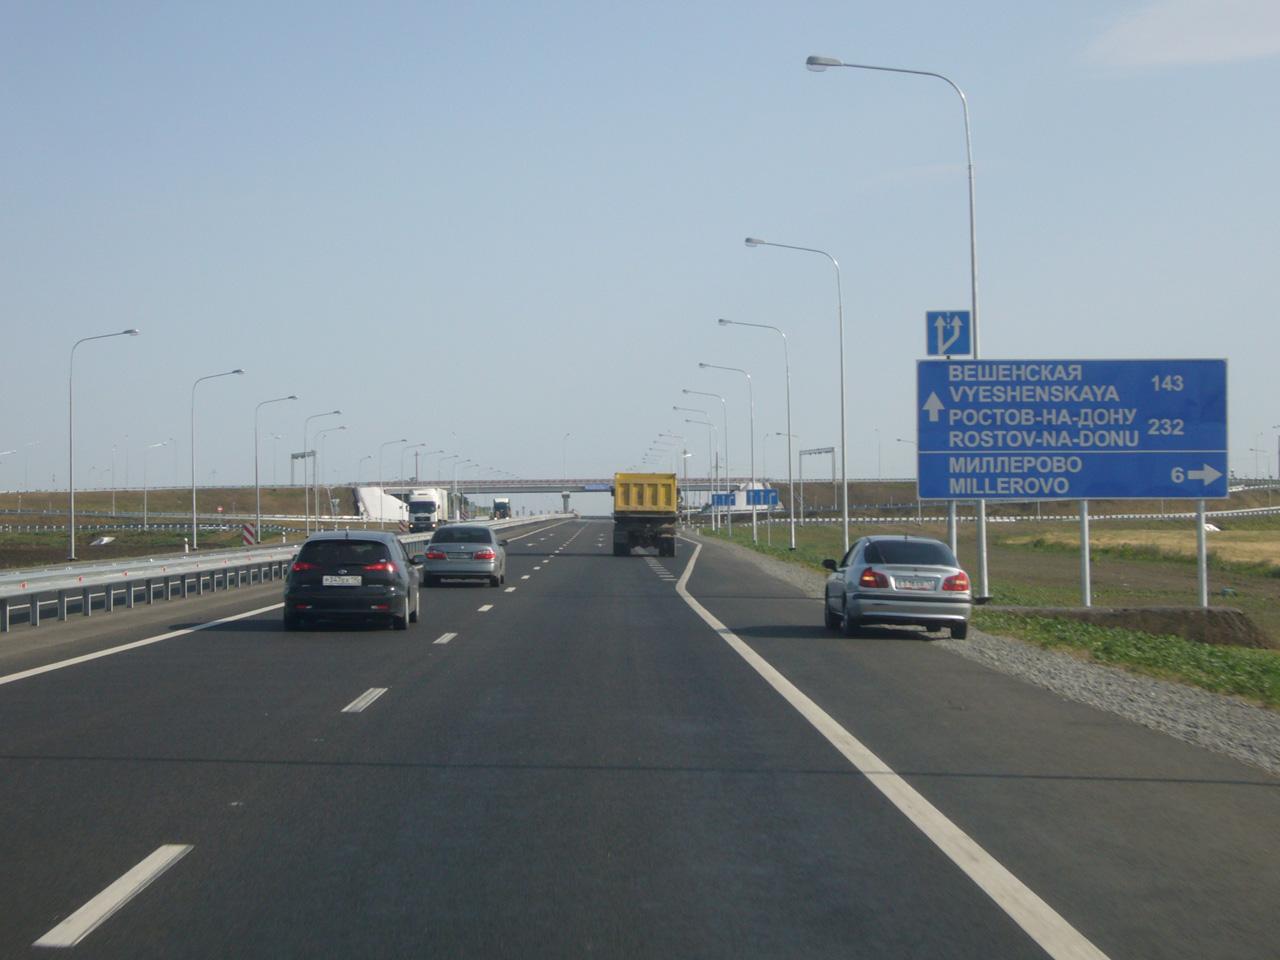 Архангельск  Ейск расстояние на машине